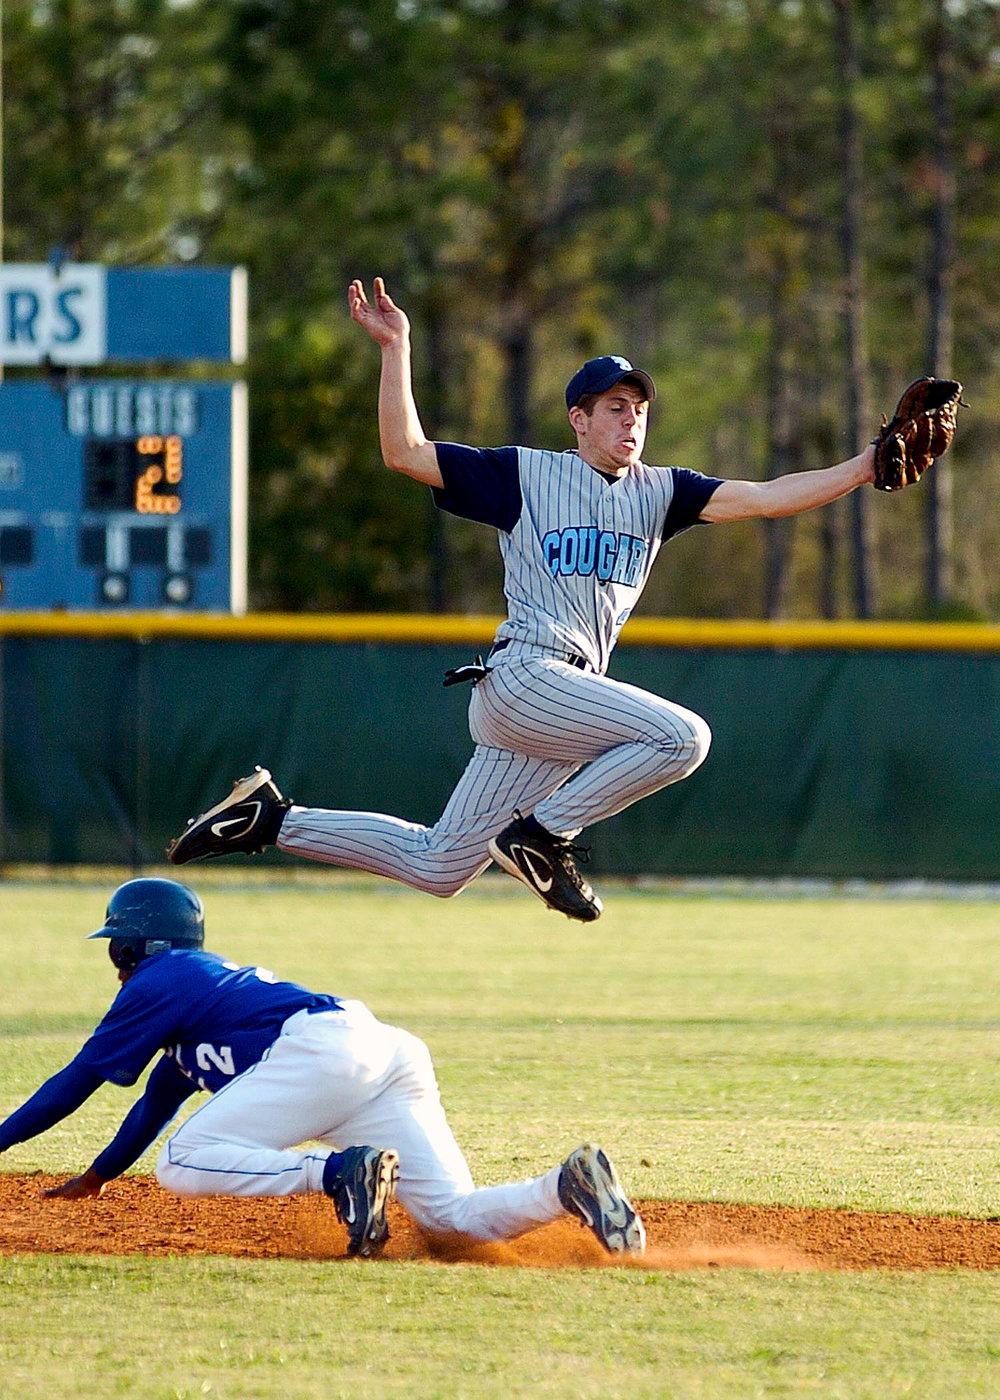 - Baseball Action. Shot on film.